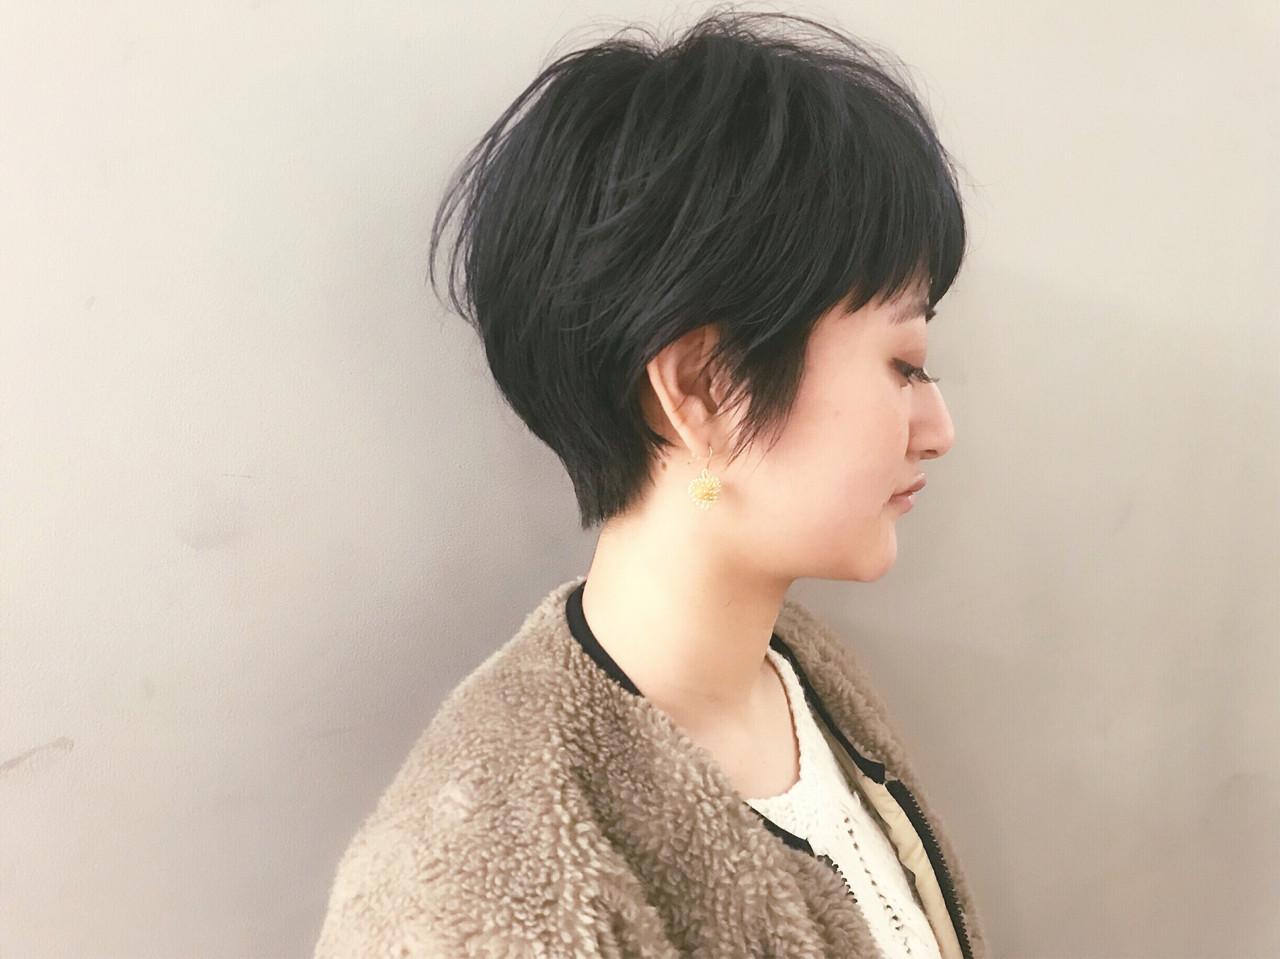 耳かけショートでイヤリング見せ 仙頭郁弥 | loji+LIM